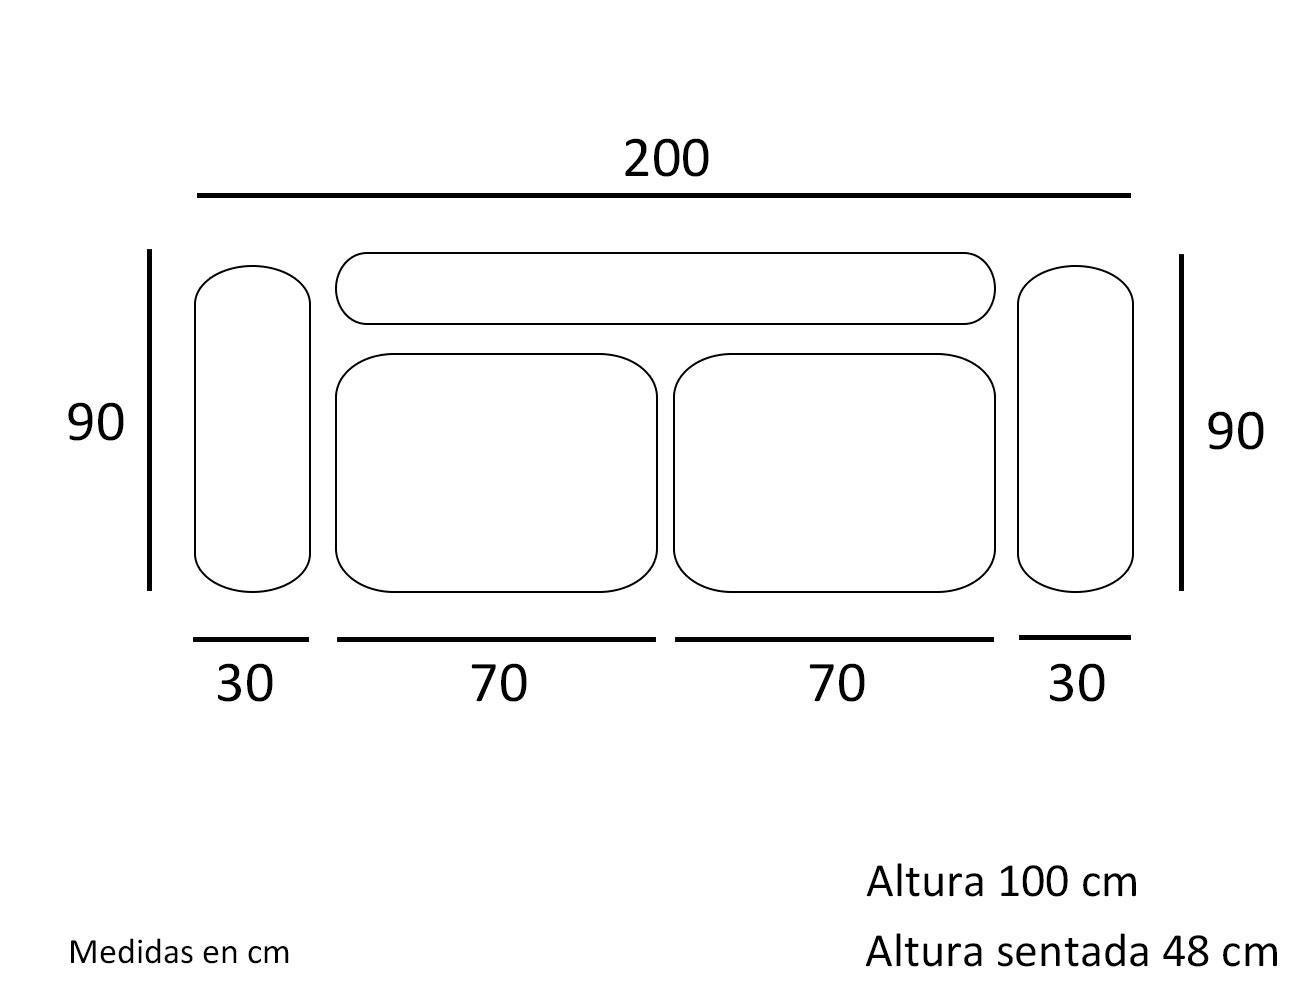 Croquis sofa 3 plazas 200